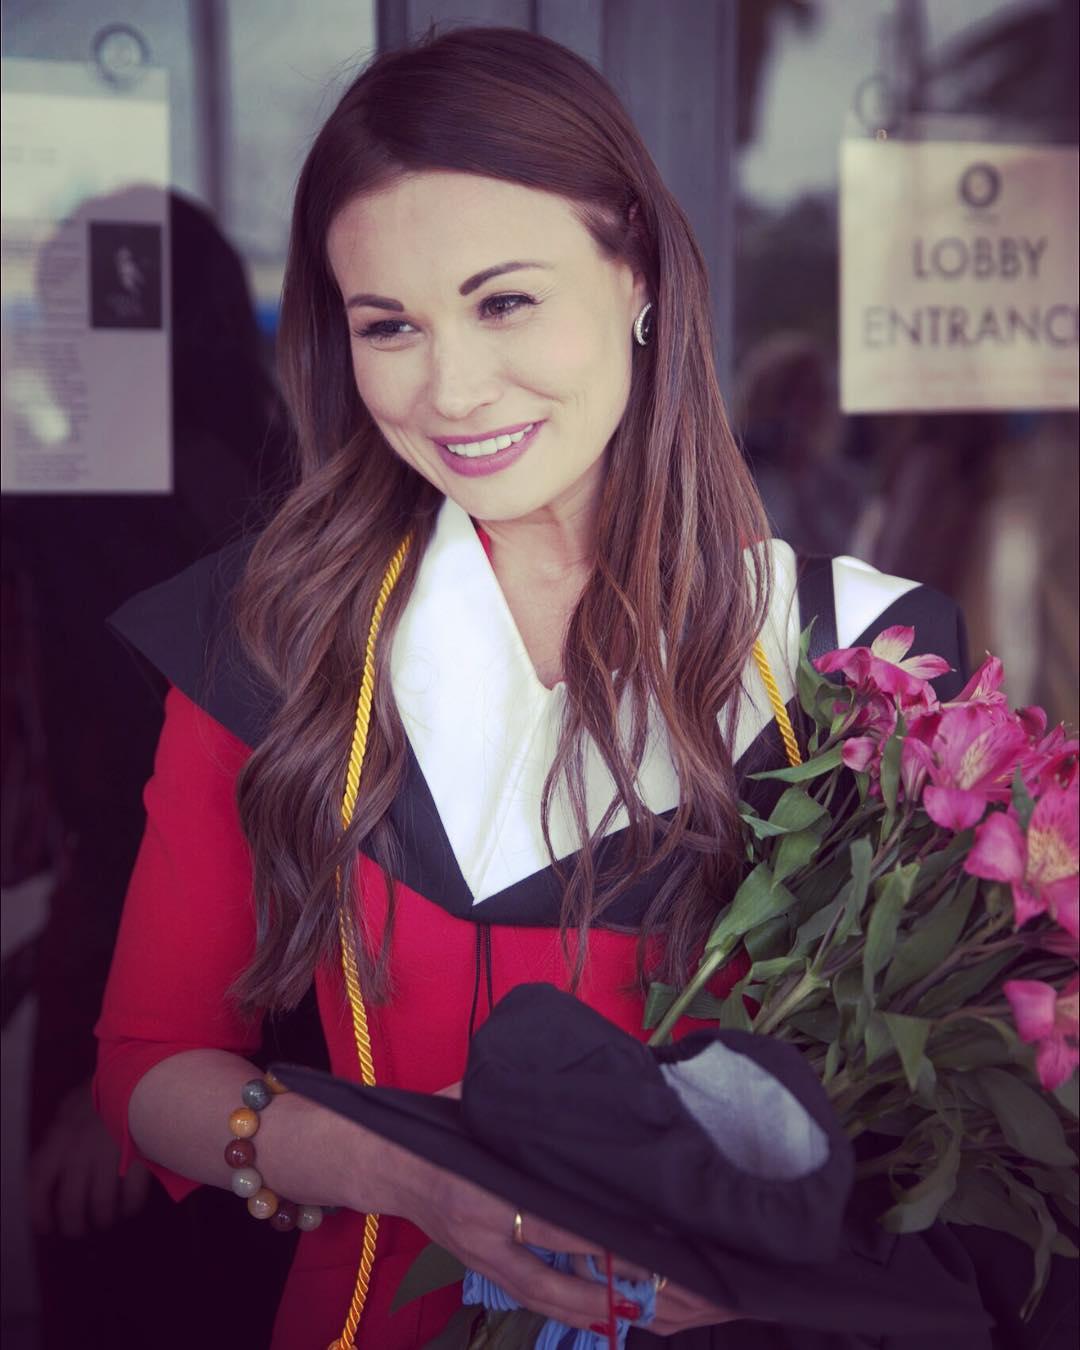 Настя Кочеткова: принимала участие в съемках фильма «Жара», актриса и певица